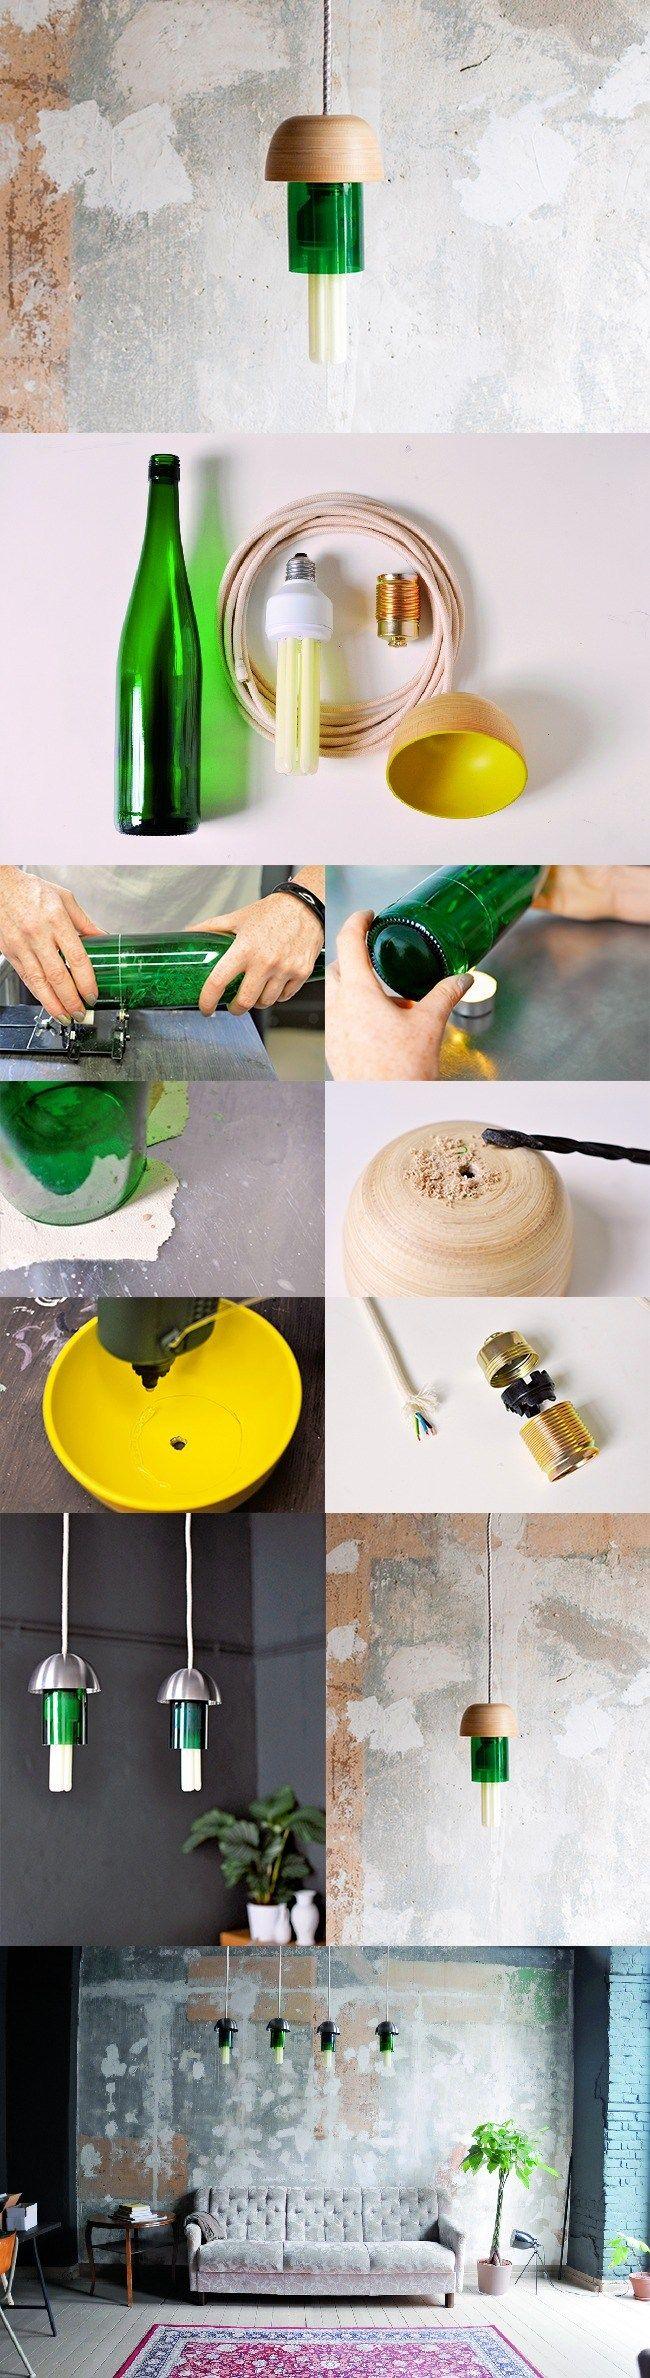 Lámparas DIY con botellas de vino -blog.makerist.de - DIY Bottle Lamps